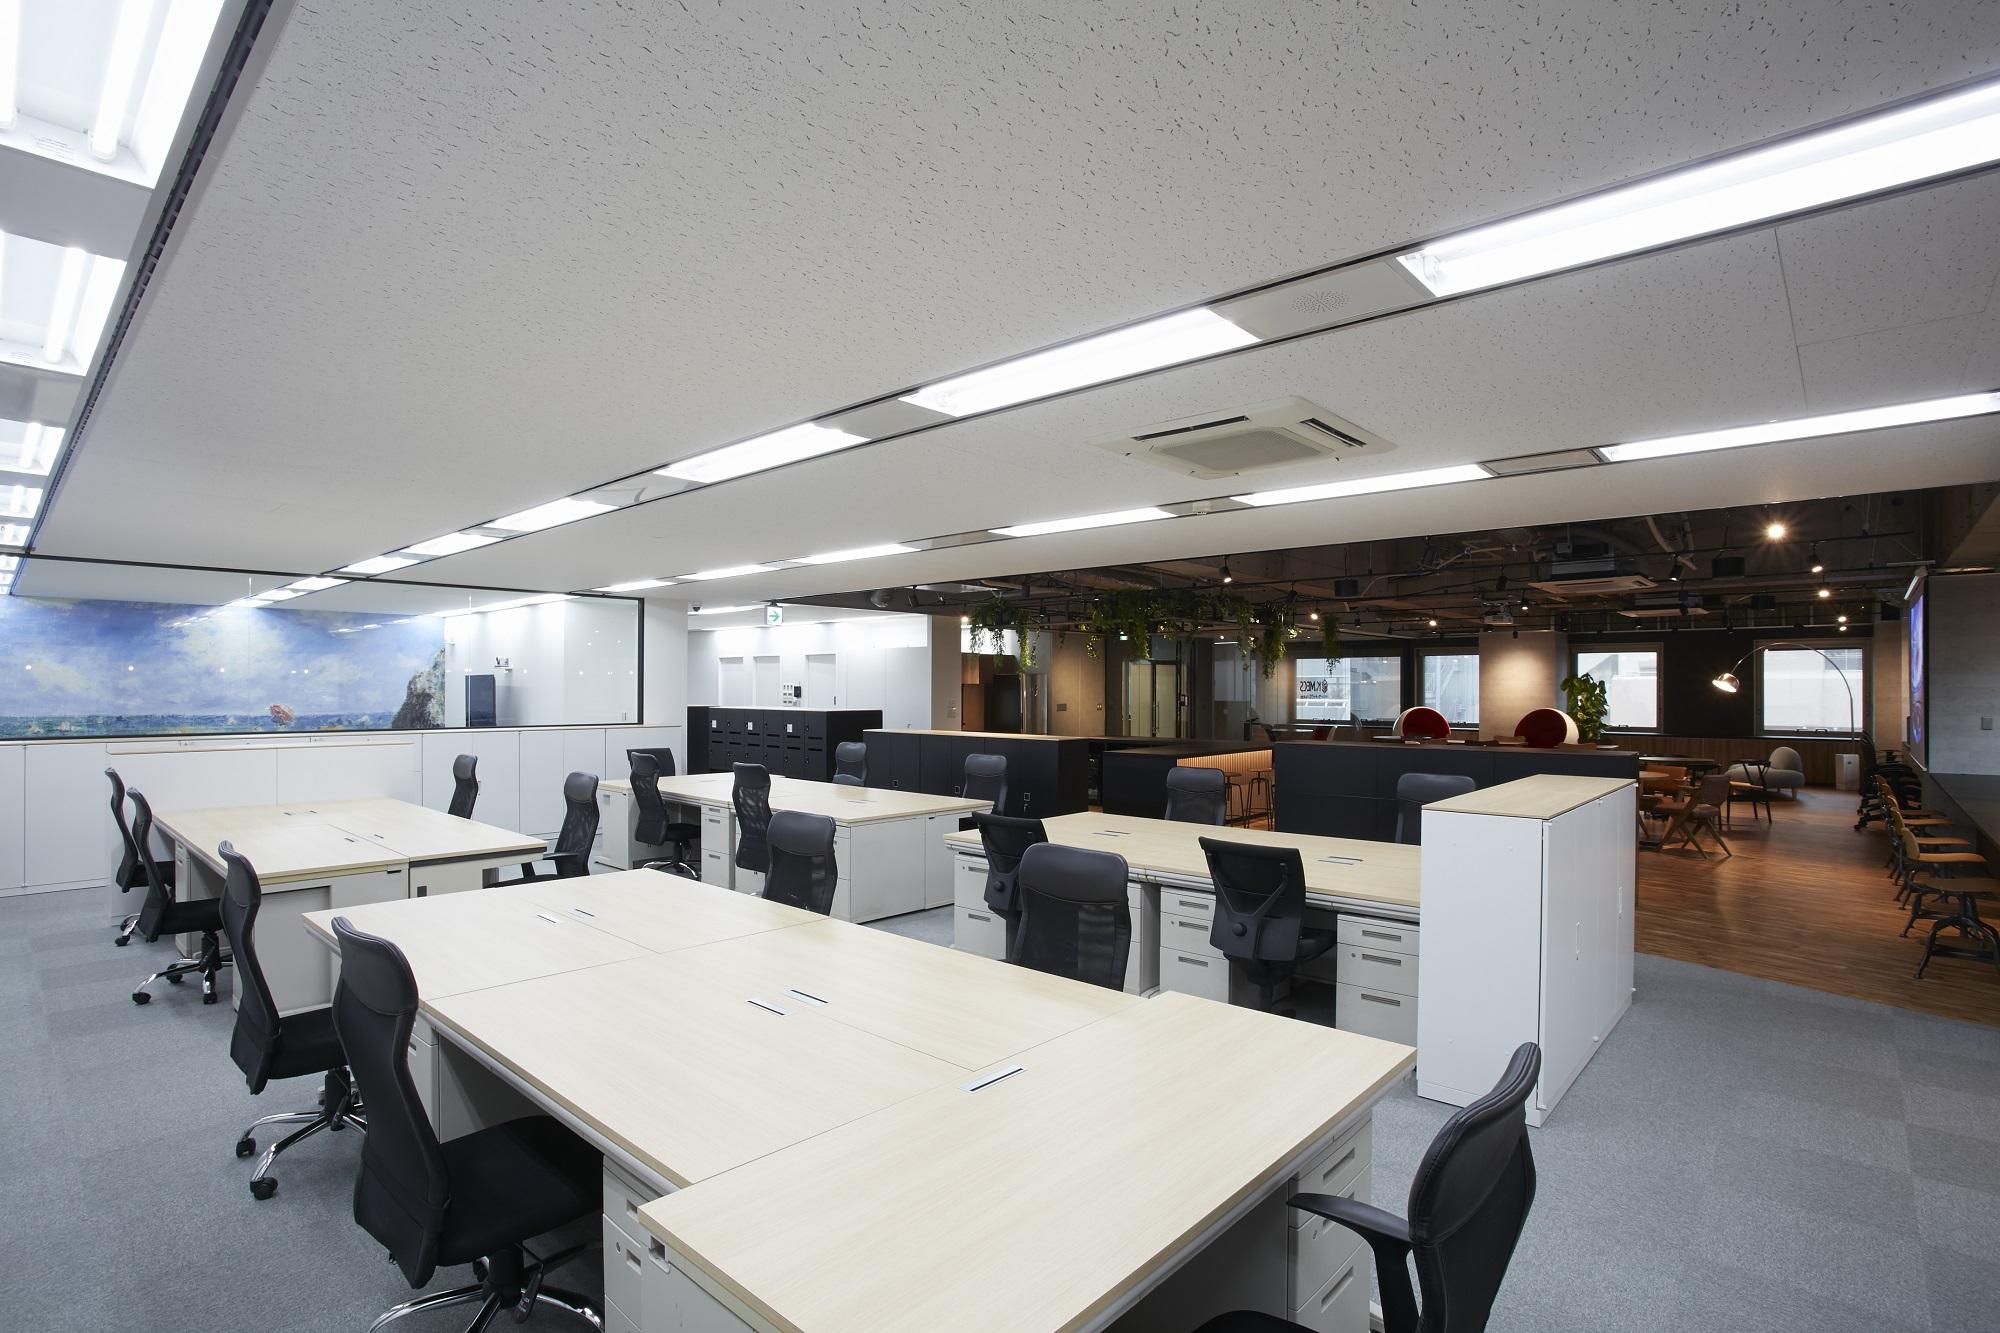 ワンフロアを間仕切りなしでコーナー分けしたオフィスデザイン事例